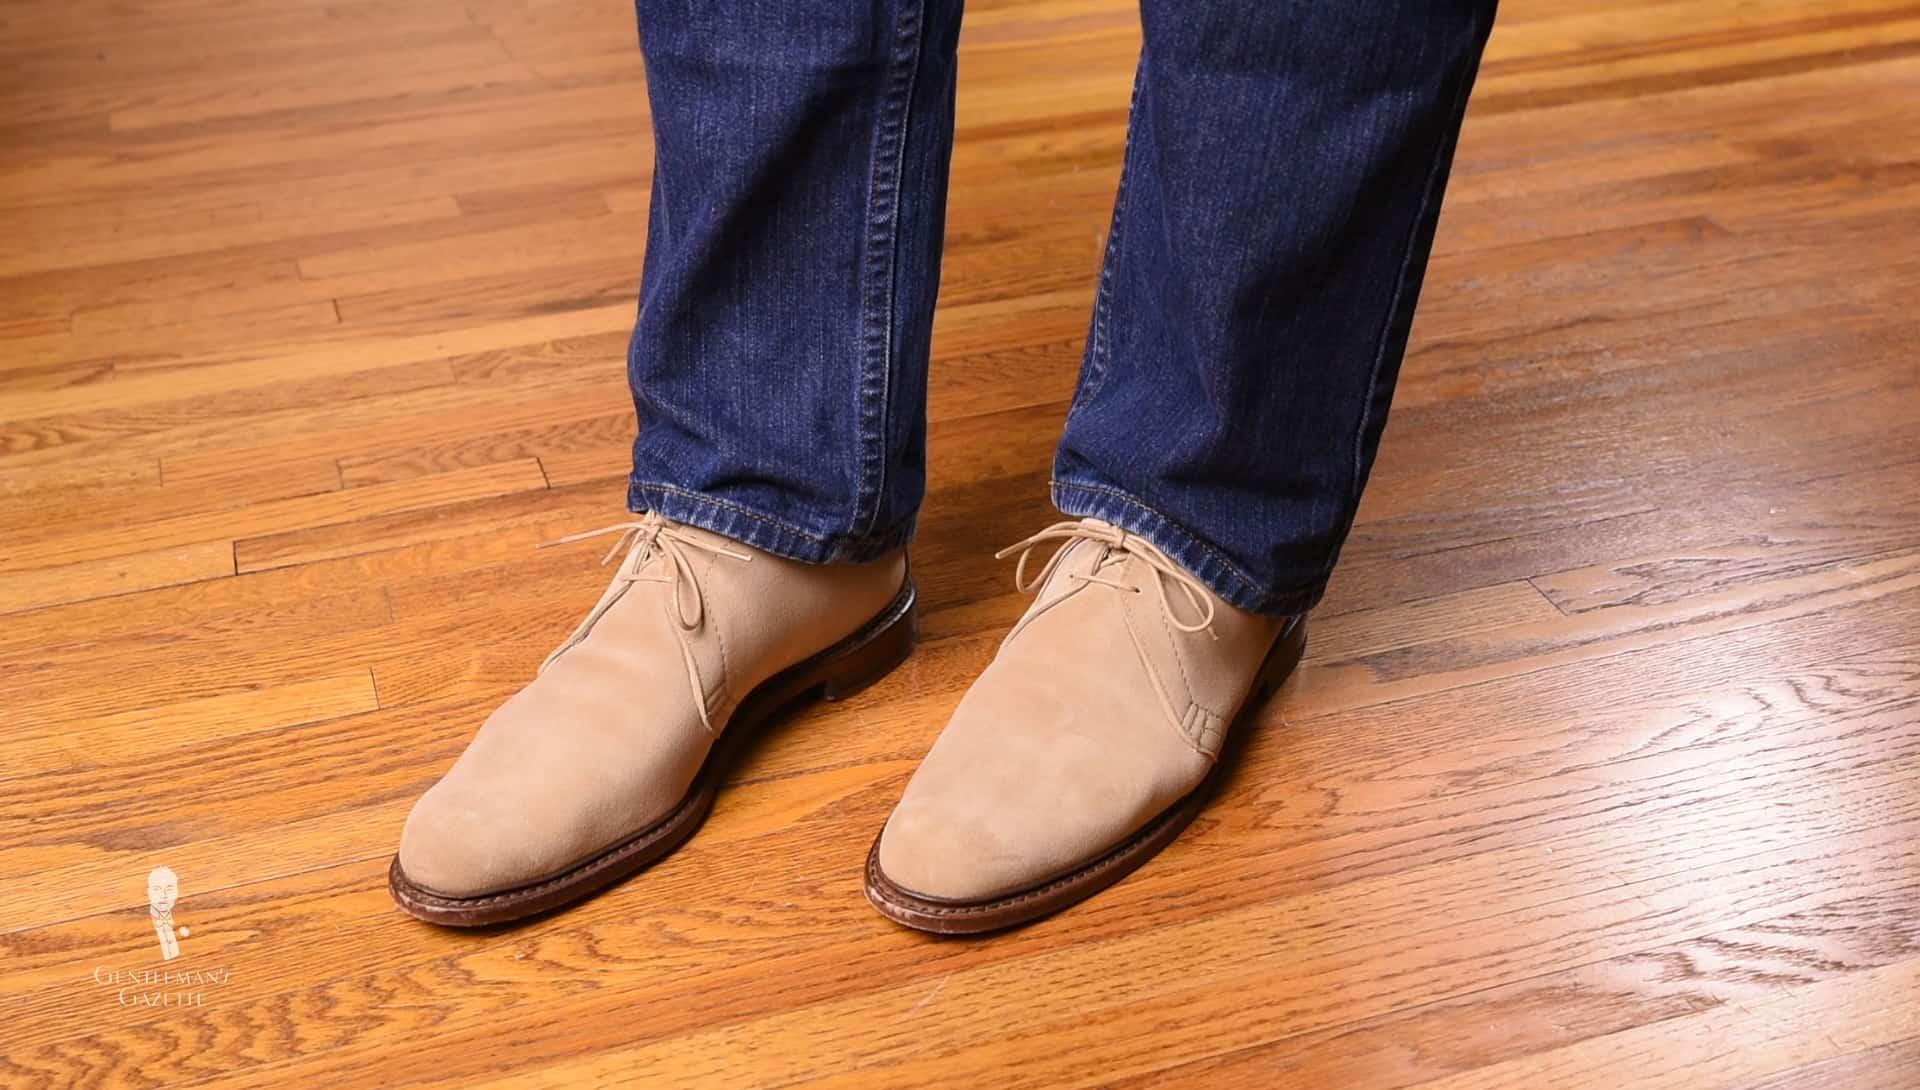 Allen Edmonds Chukka Boots - Massdrop Special — Gentleman's Gazette